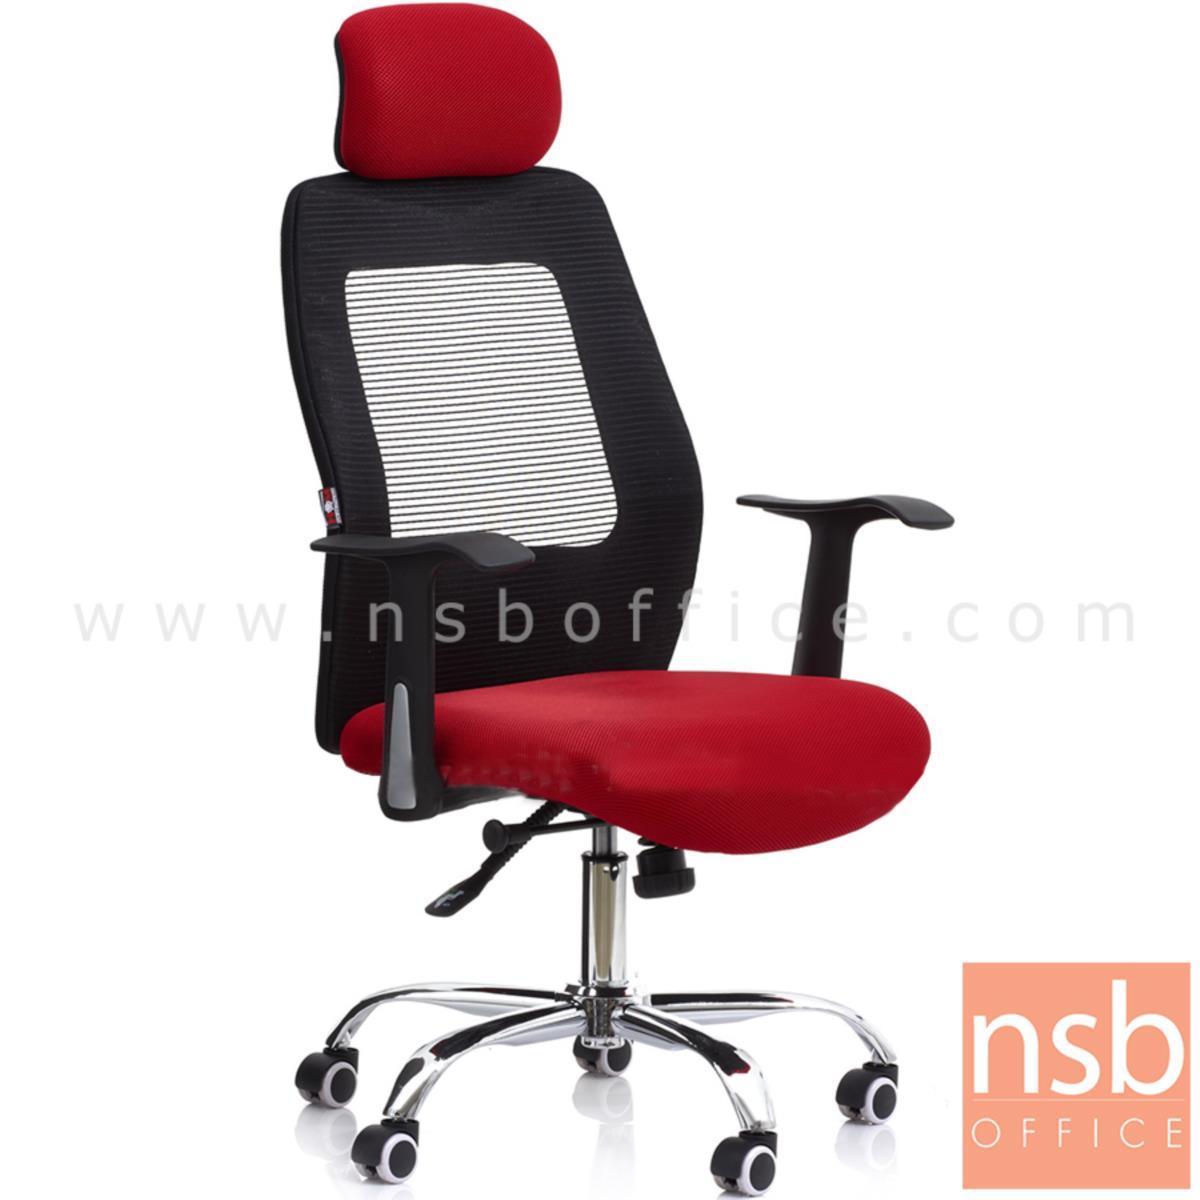 B24A116:เก้าอี้ผู้บริหารหลังเน็ต รุ่น Thoreau (ทอโร)  โช๊คแก๊ส มีก้อนโยก ขาเหล็กชุบโครเมี่ยม